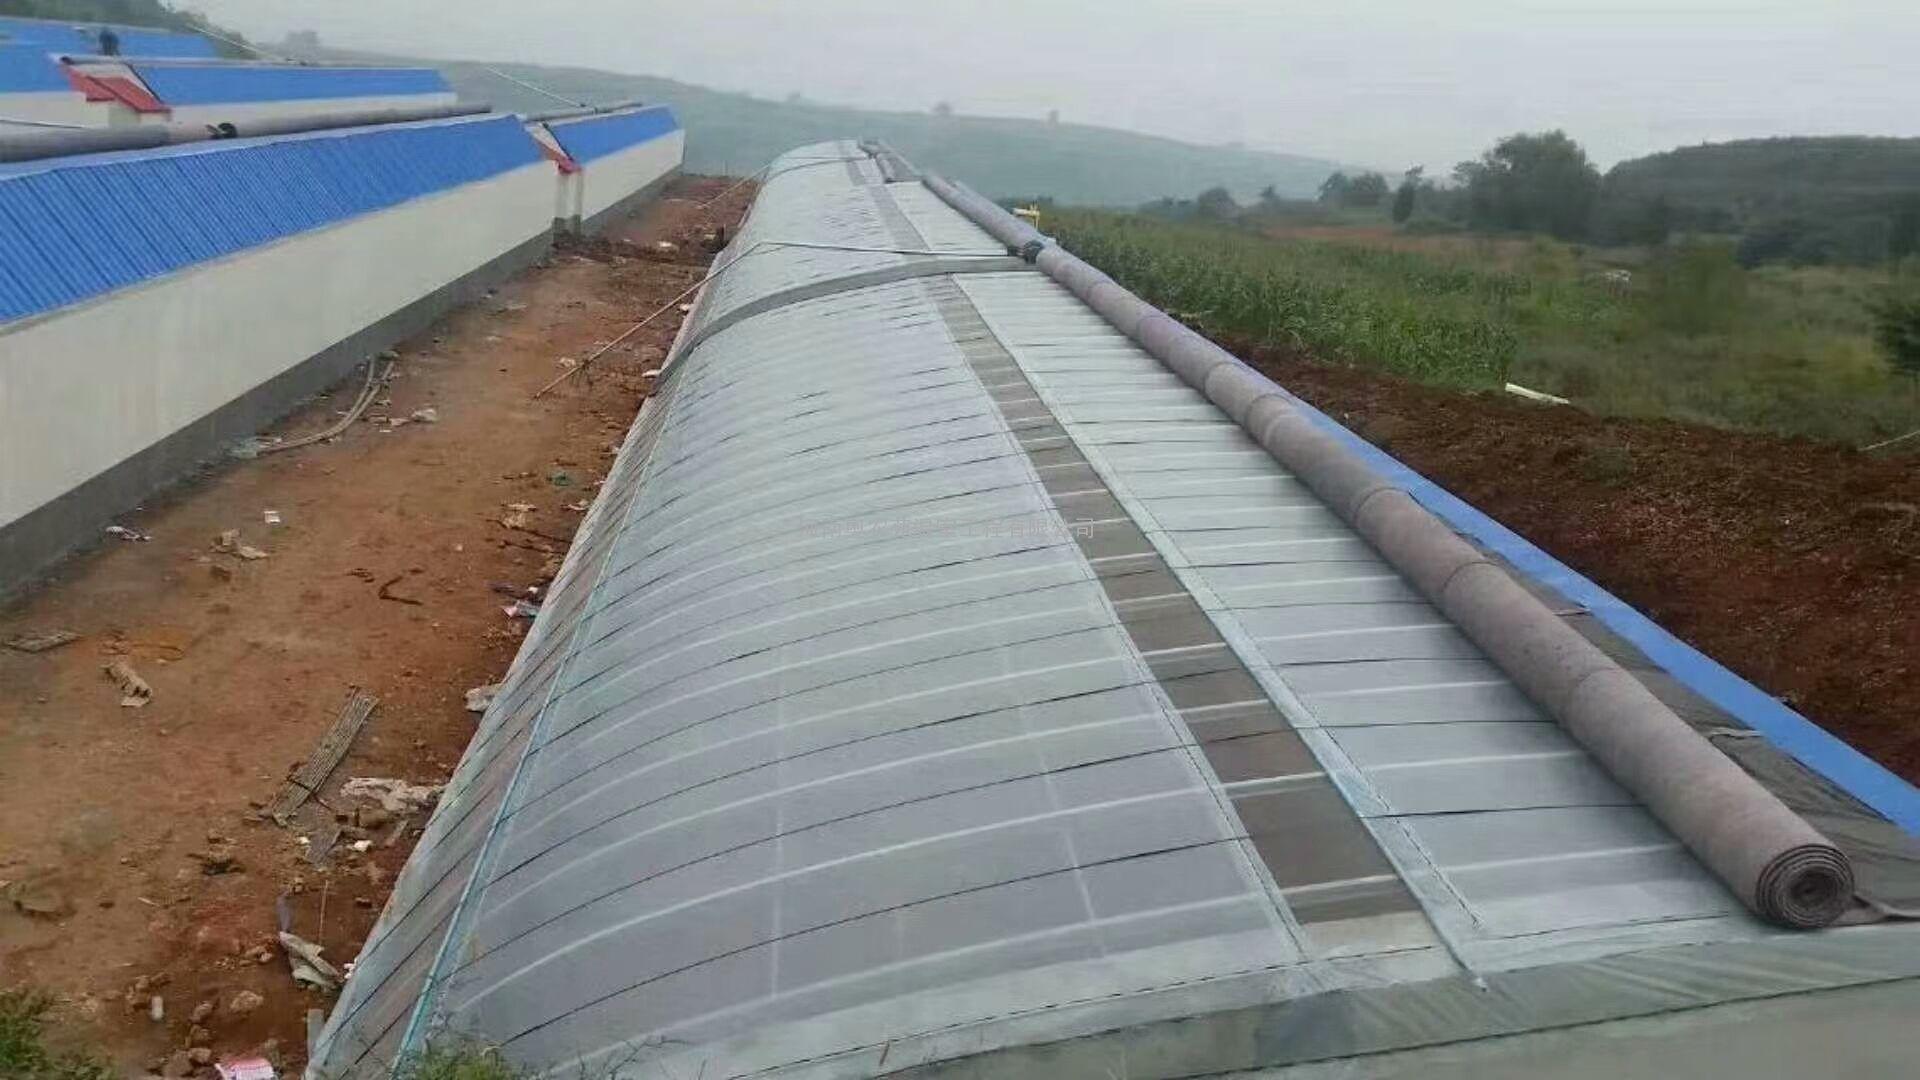 日光温室大棚、薄膜日光温室大棚设计安装